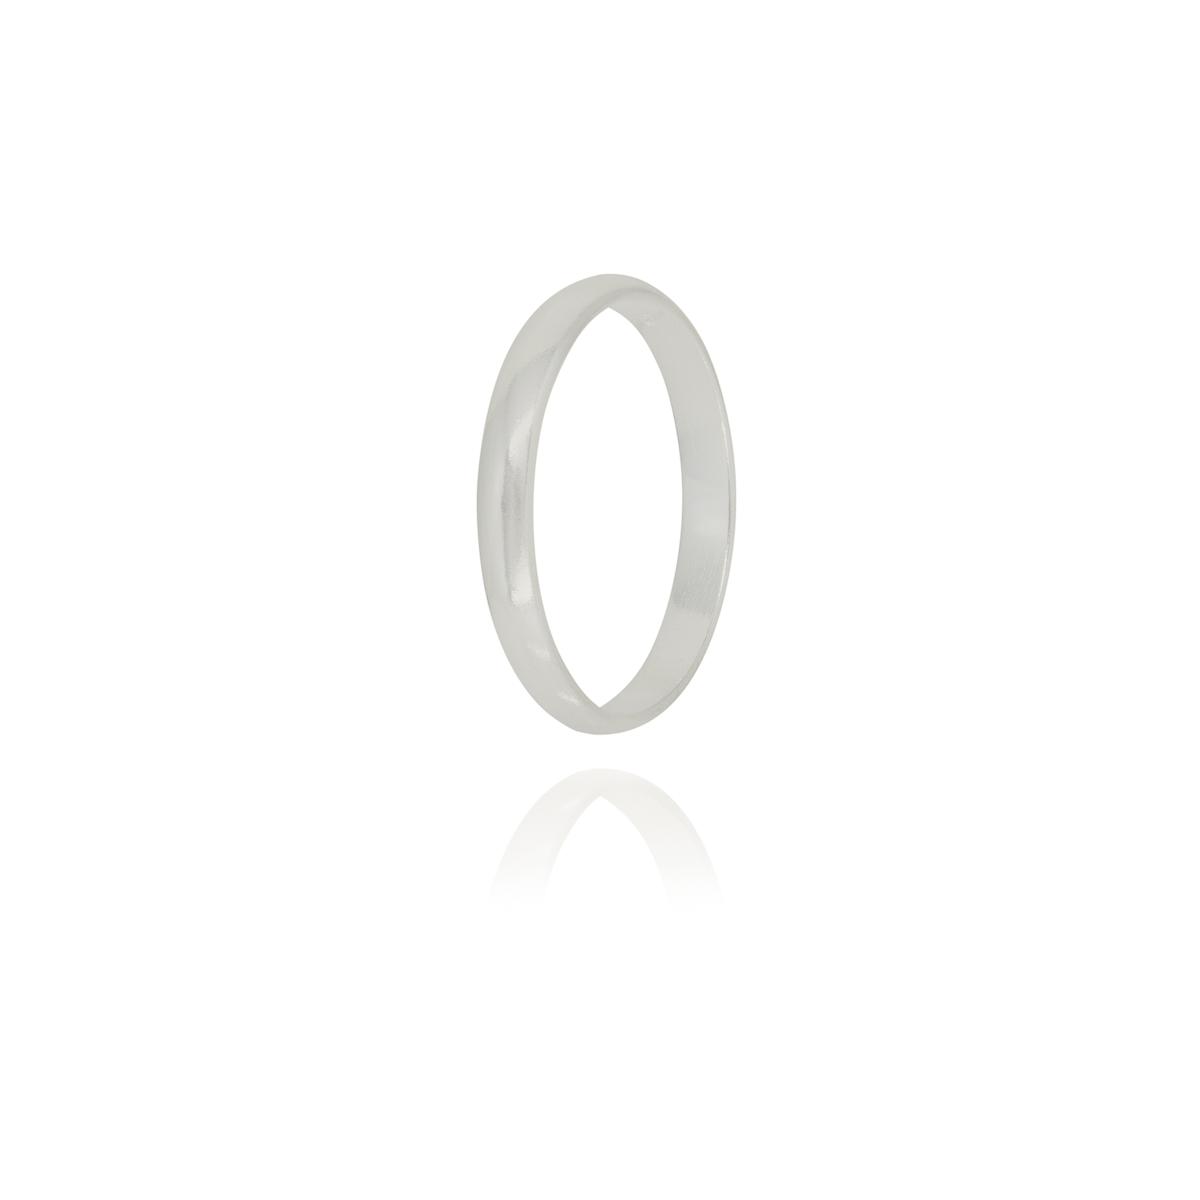 Aliança anatômica 3 mm joia em prata 925 maciça tradicional